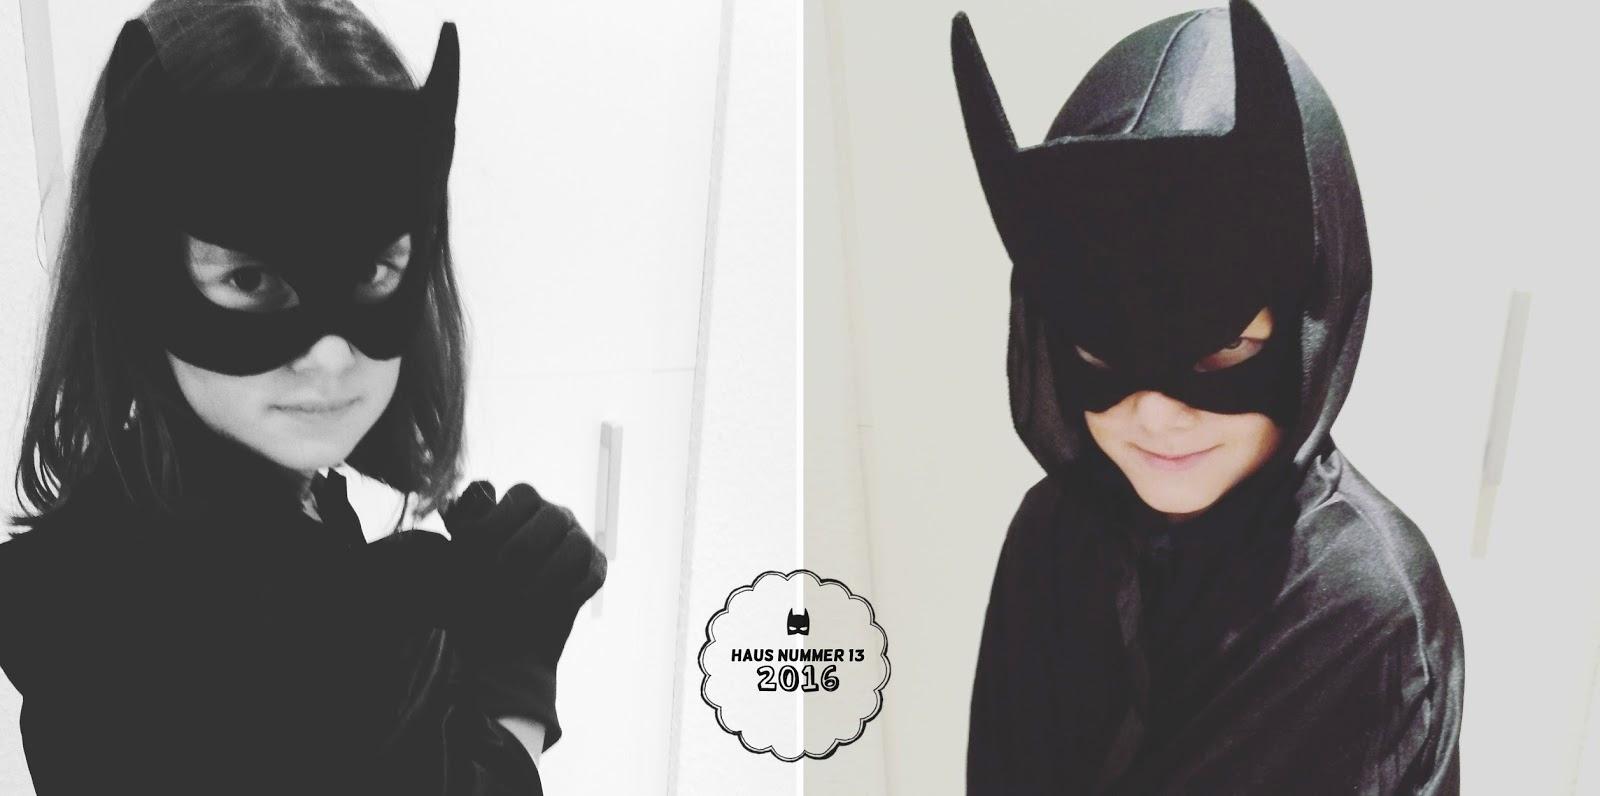 halloween masken basteln einzigartig diy masken diy oster masken selber machen familicious diy bat bow of halloween masken basteln